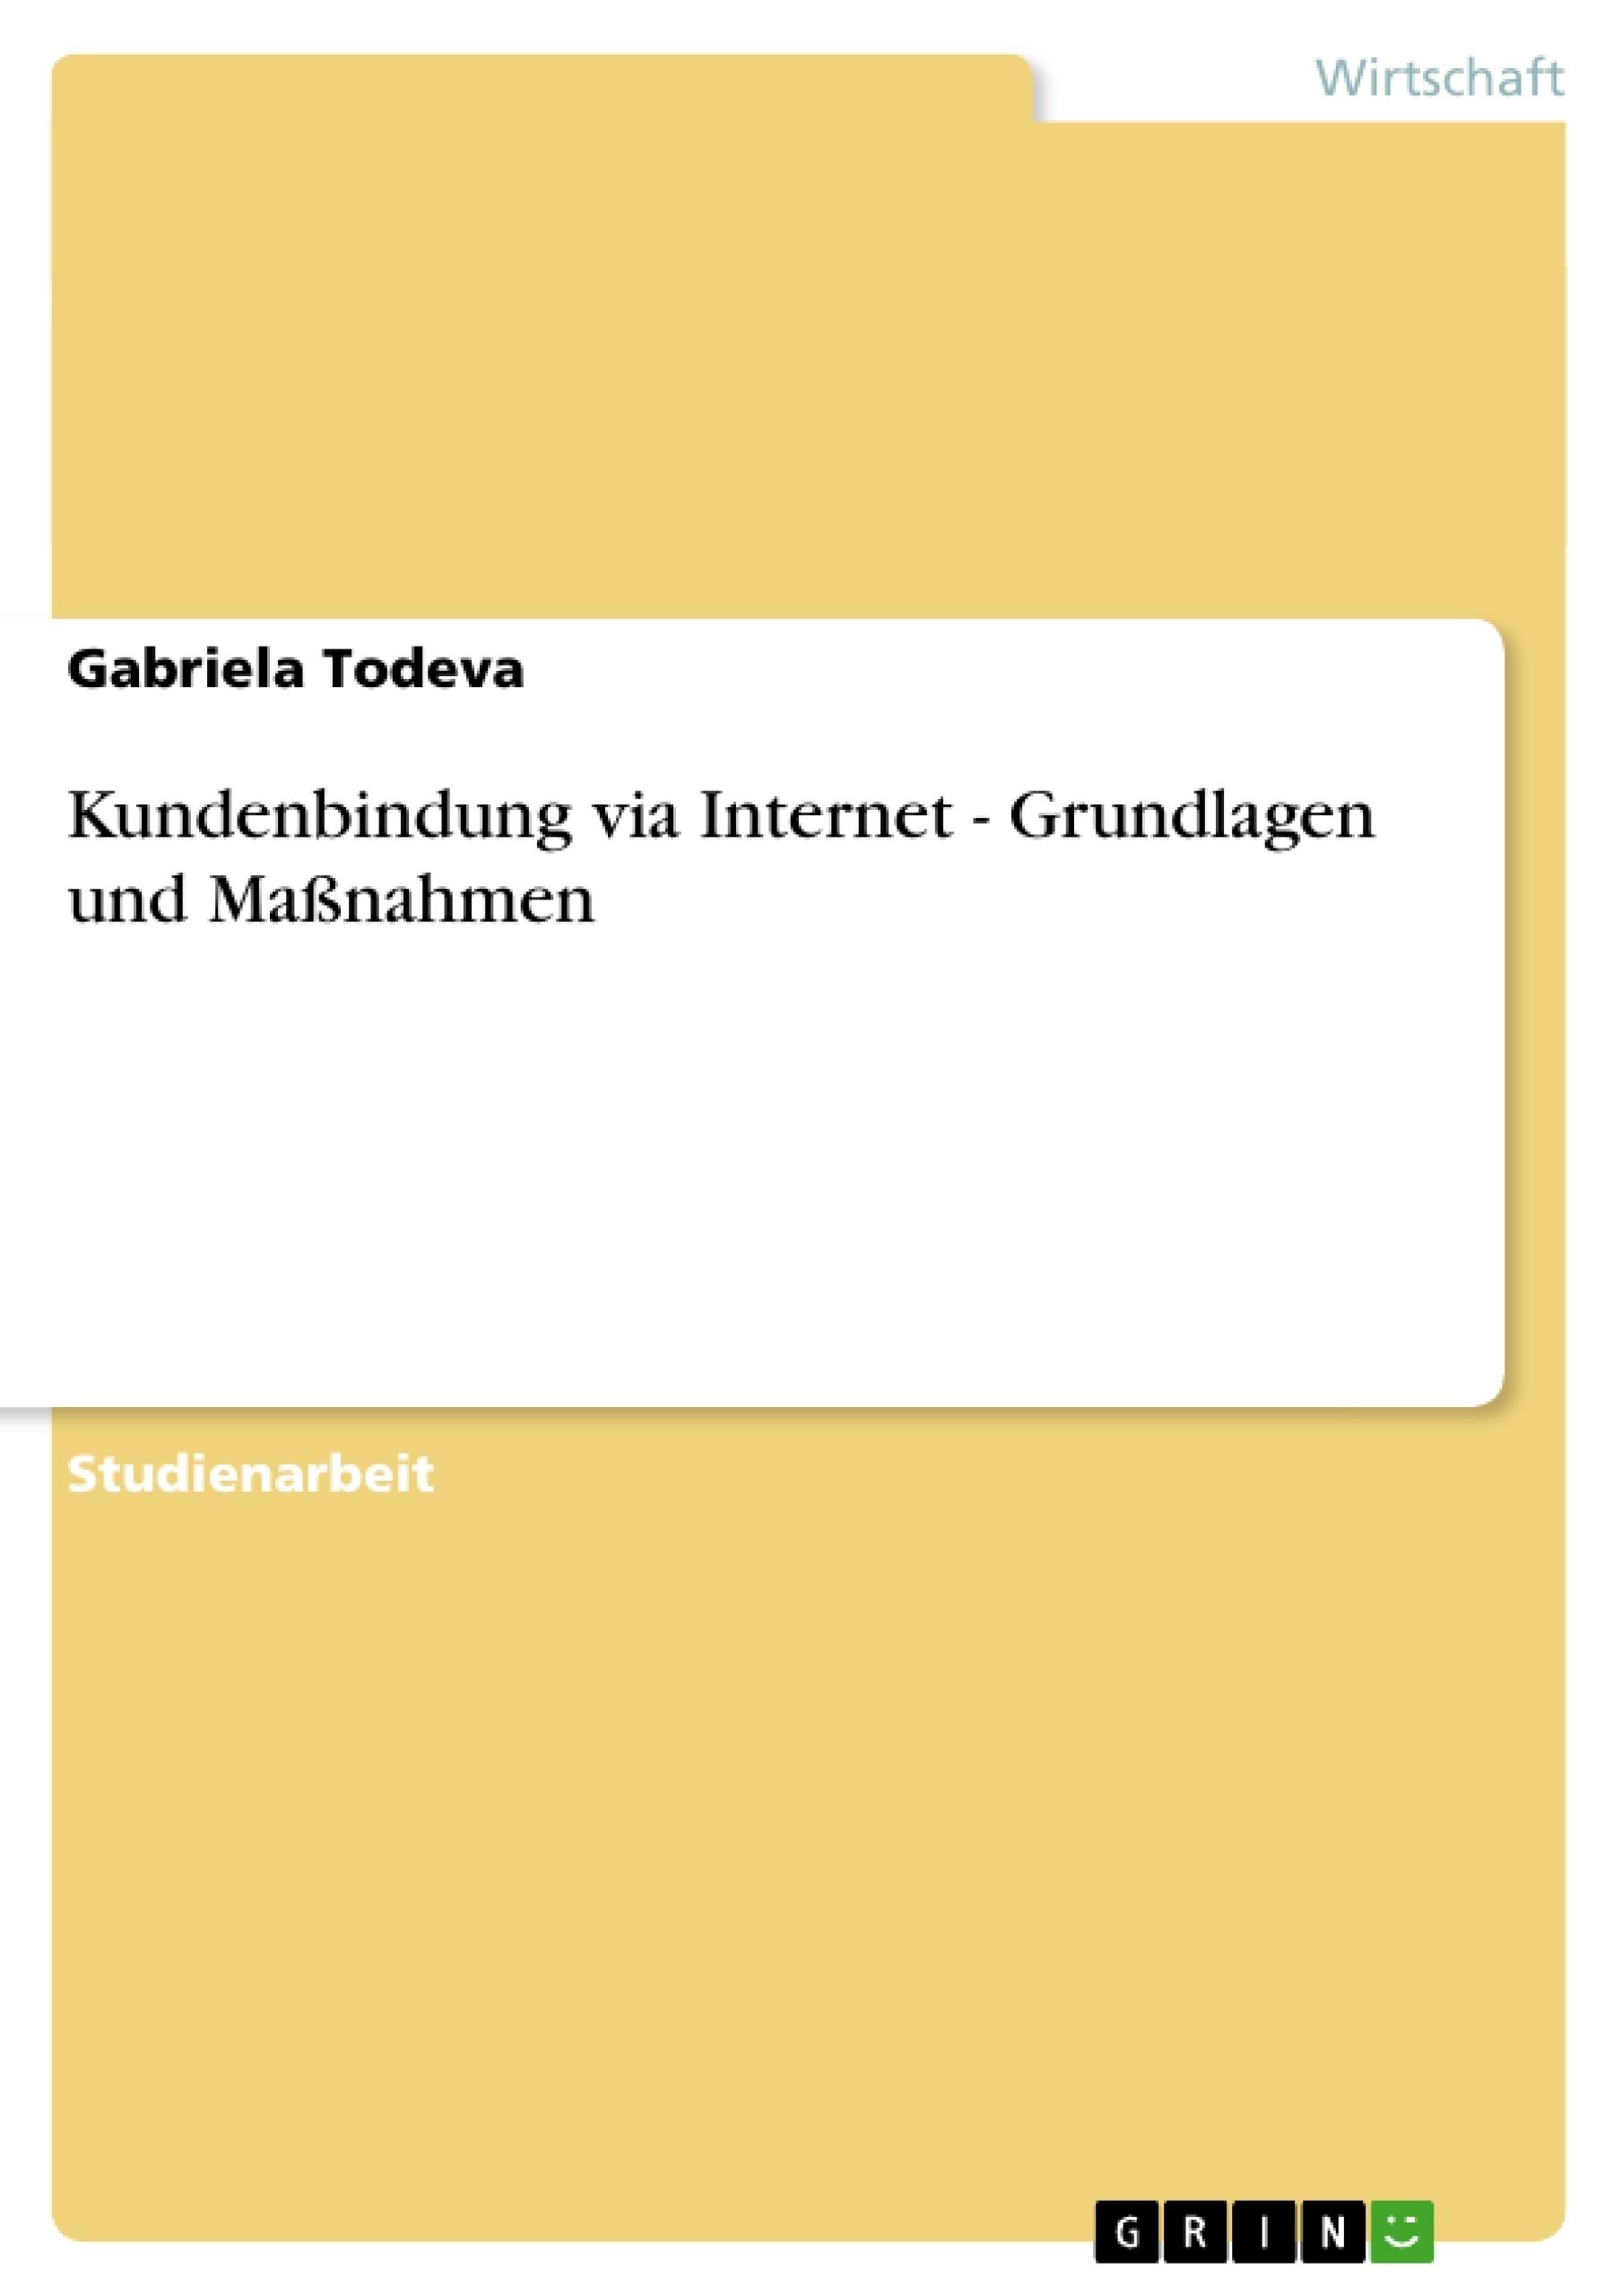 Titel: Kundenbindung via Internet - Grundlagen und Maßnahmen